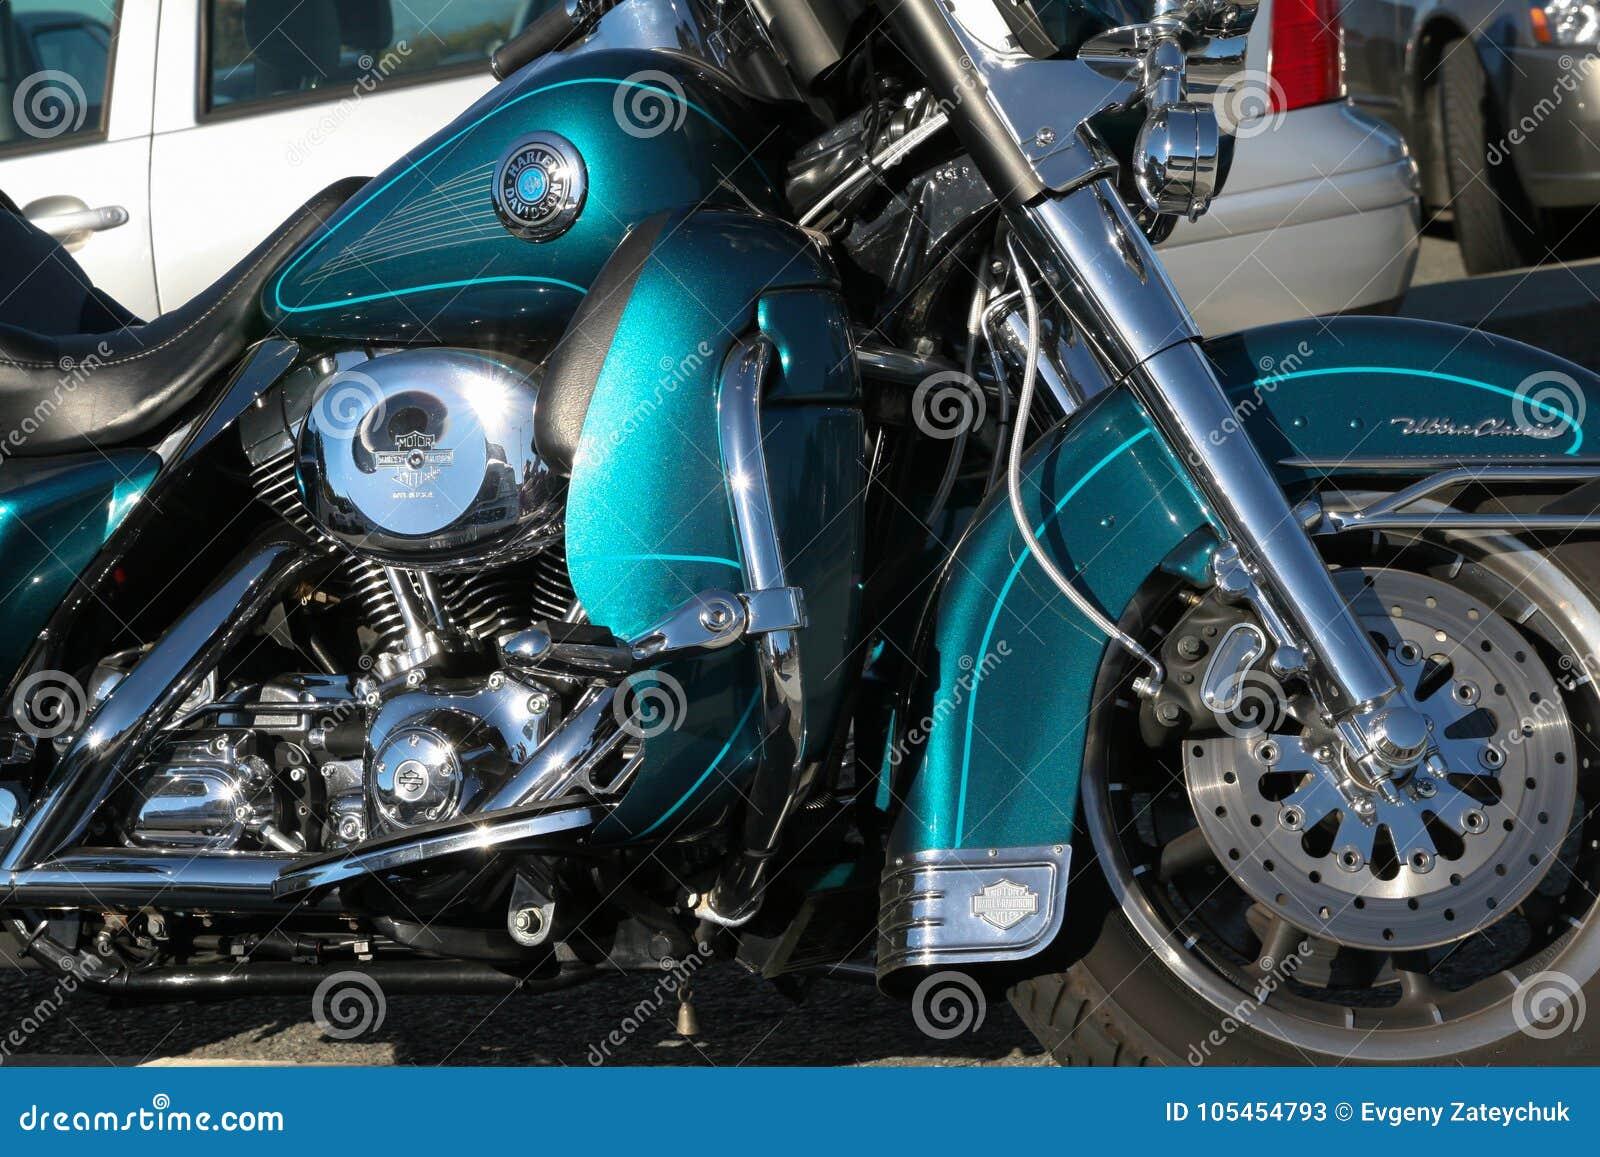 Harley Davidson San Francisco >> San Francisco Ca August 3 2008 Motorcycle Harley